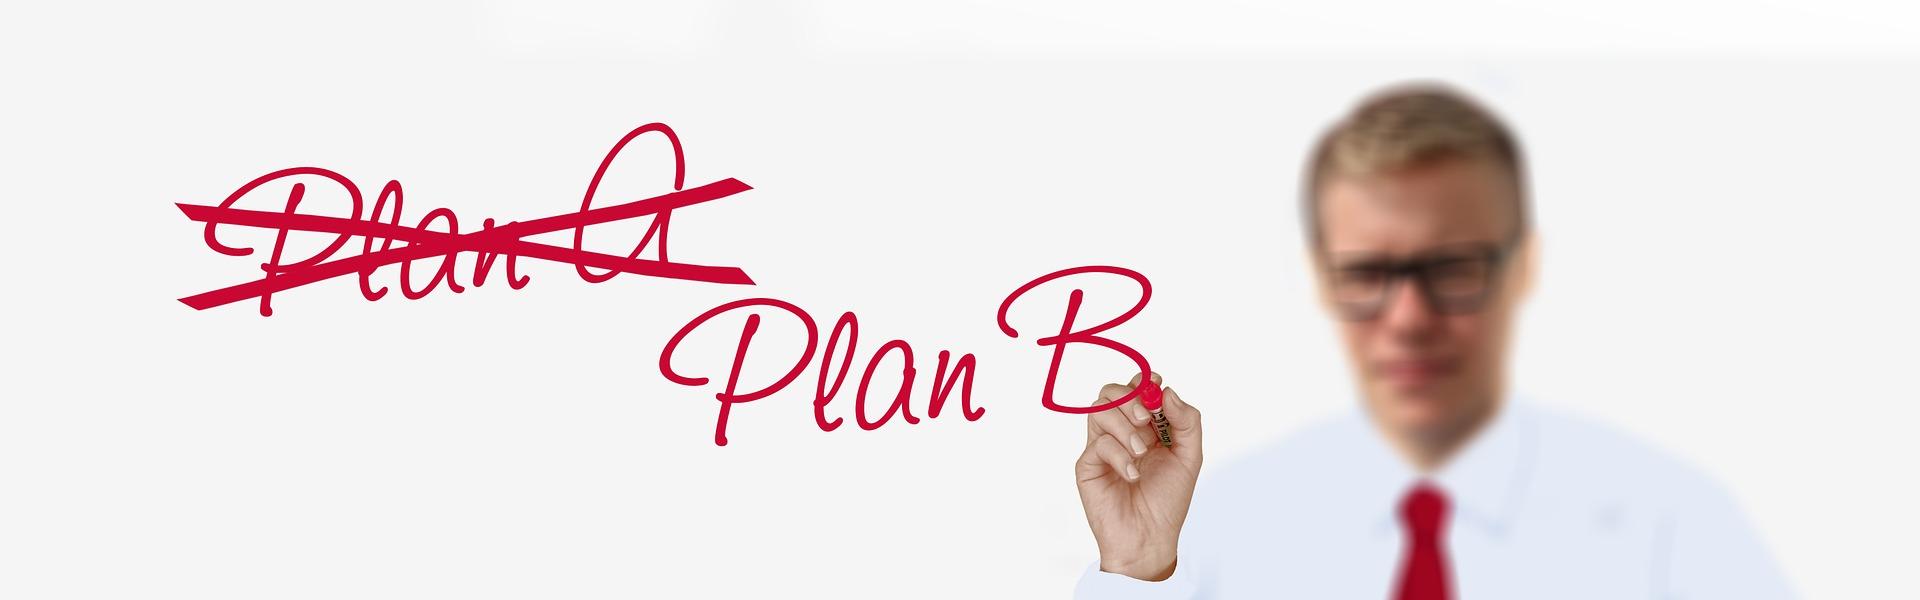 Verhandlungsspiele Interview Machtspiel Verkauf Vertrieb Verkäufer Termin Verhandlung Verhandlungsseminar Unruhe Verhandlungsgegner Plan B